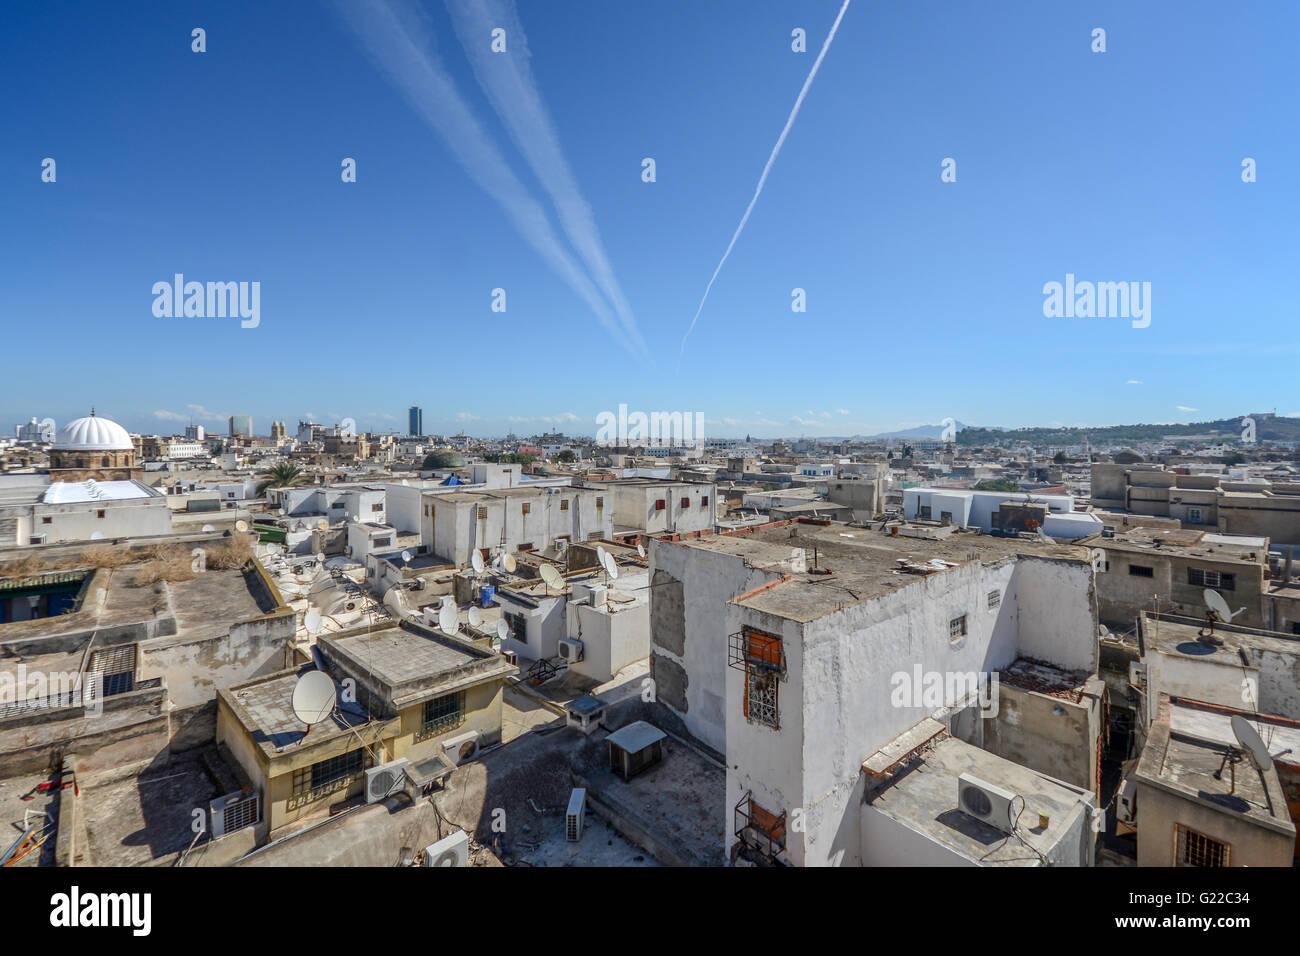 Vue aérienne de la ville historique de Tunis, Tunisie. Photo Stock